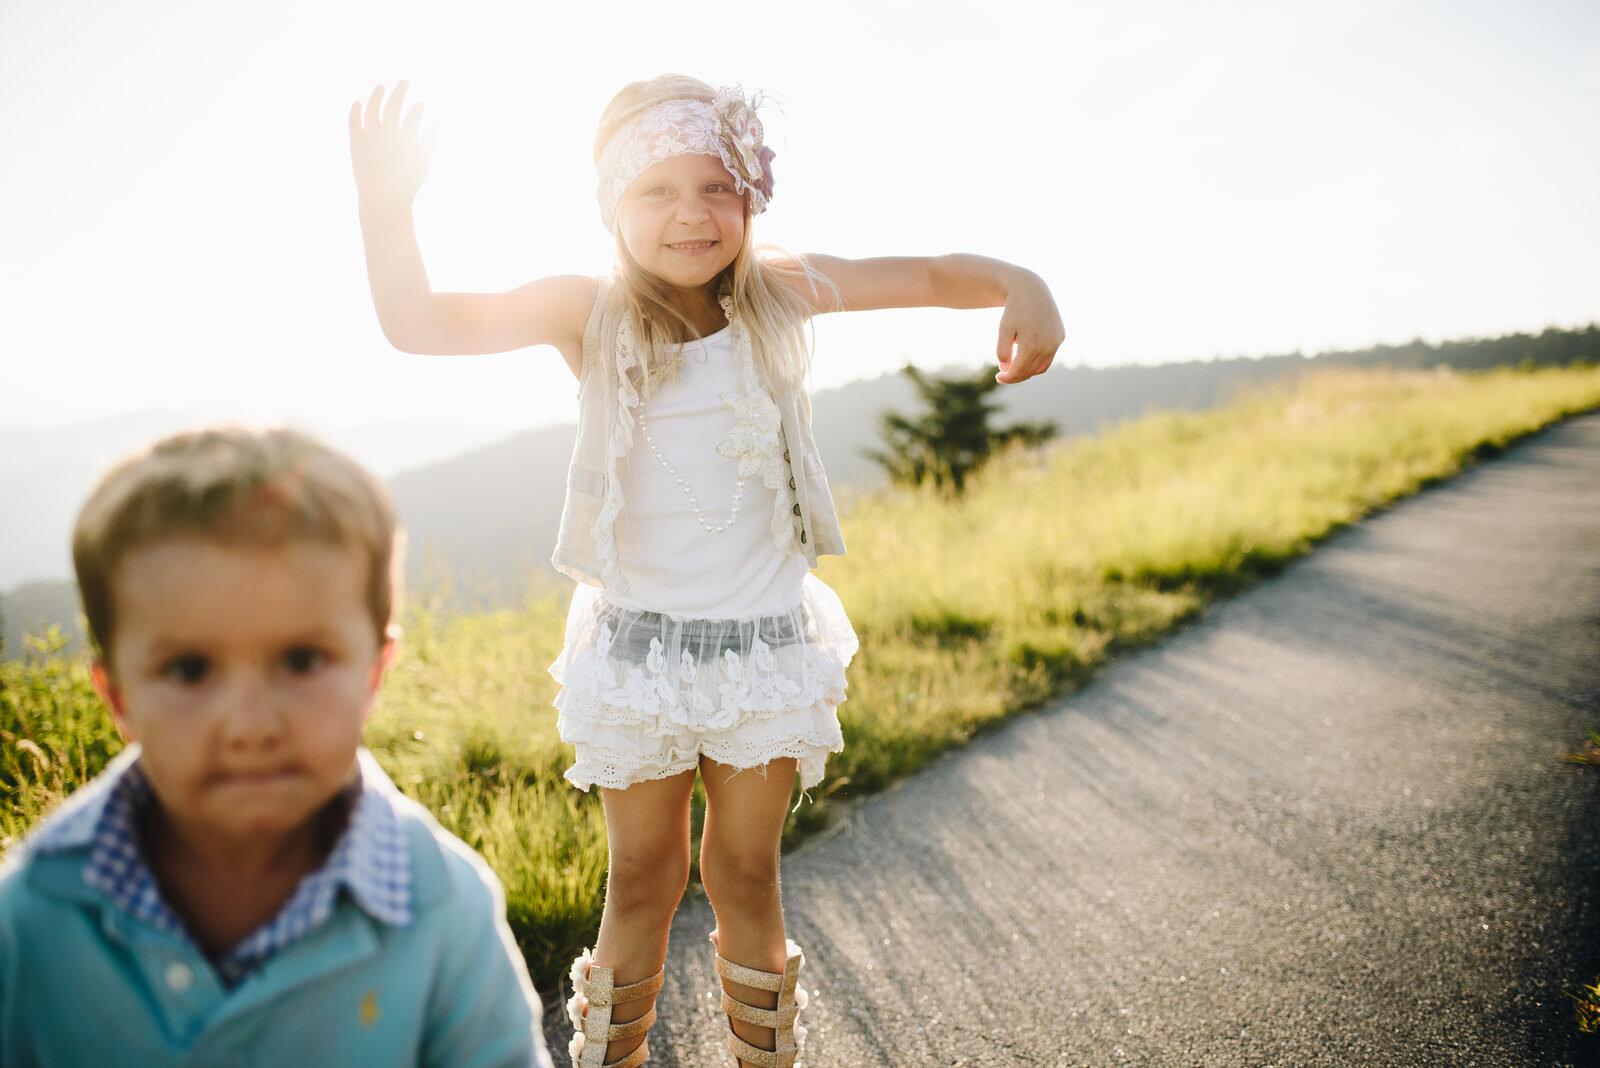 Mountain-top-family-photos-asheville-nc (14 of 1).jpg